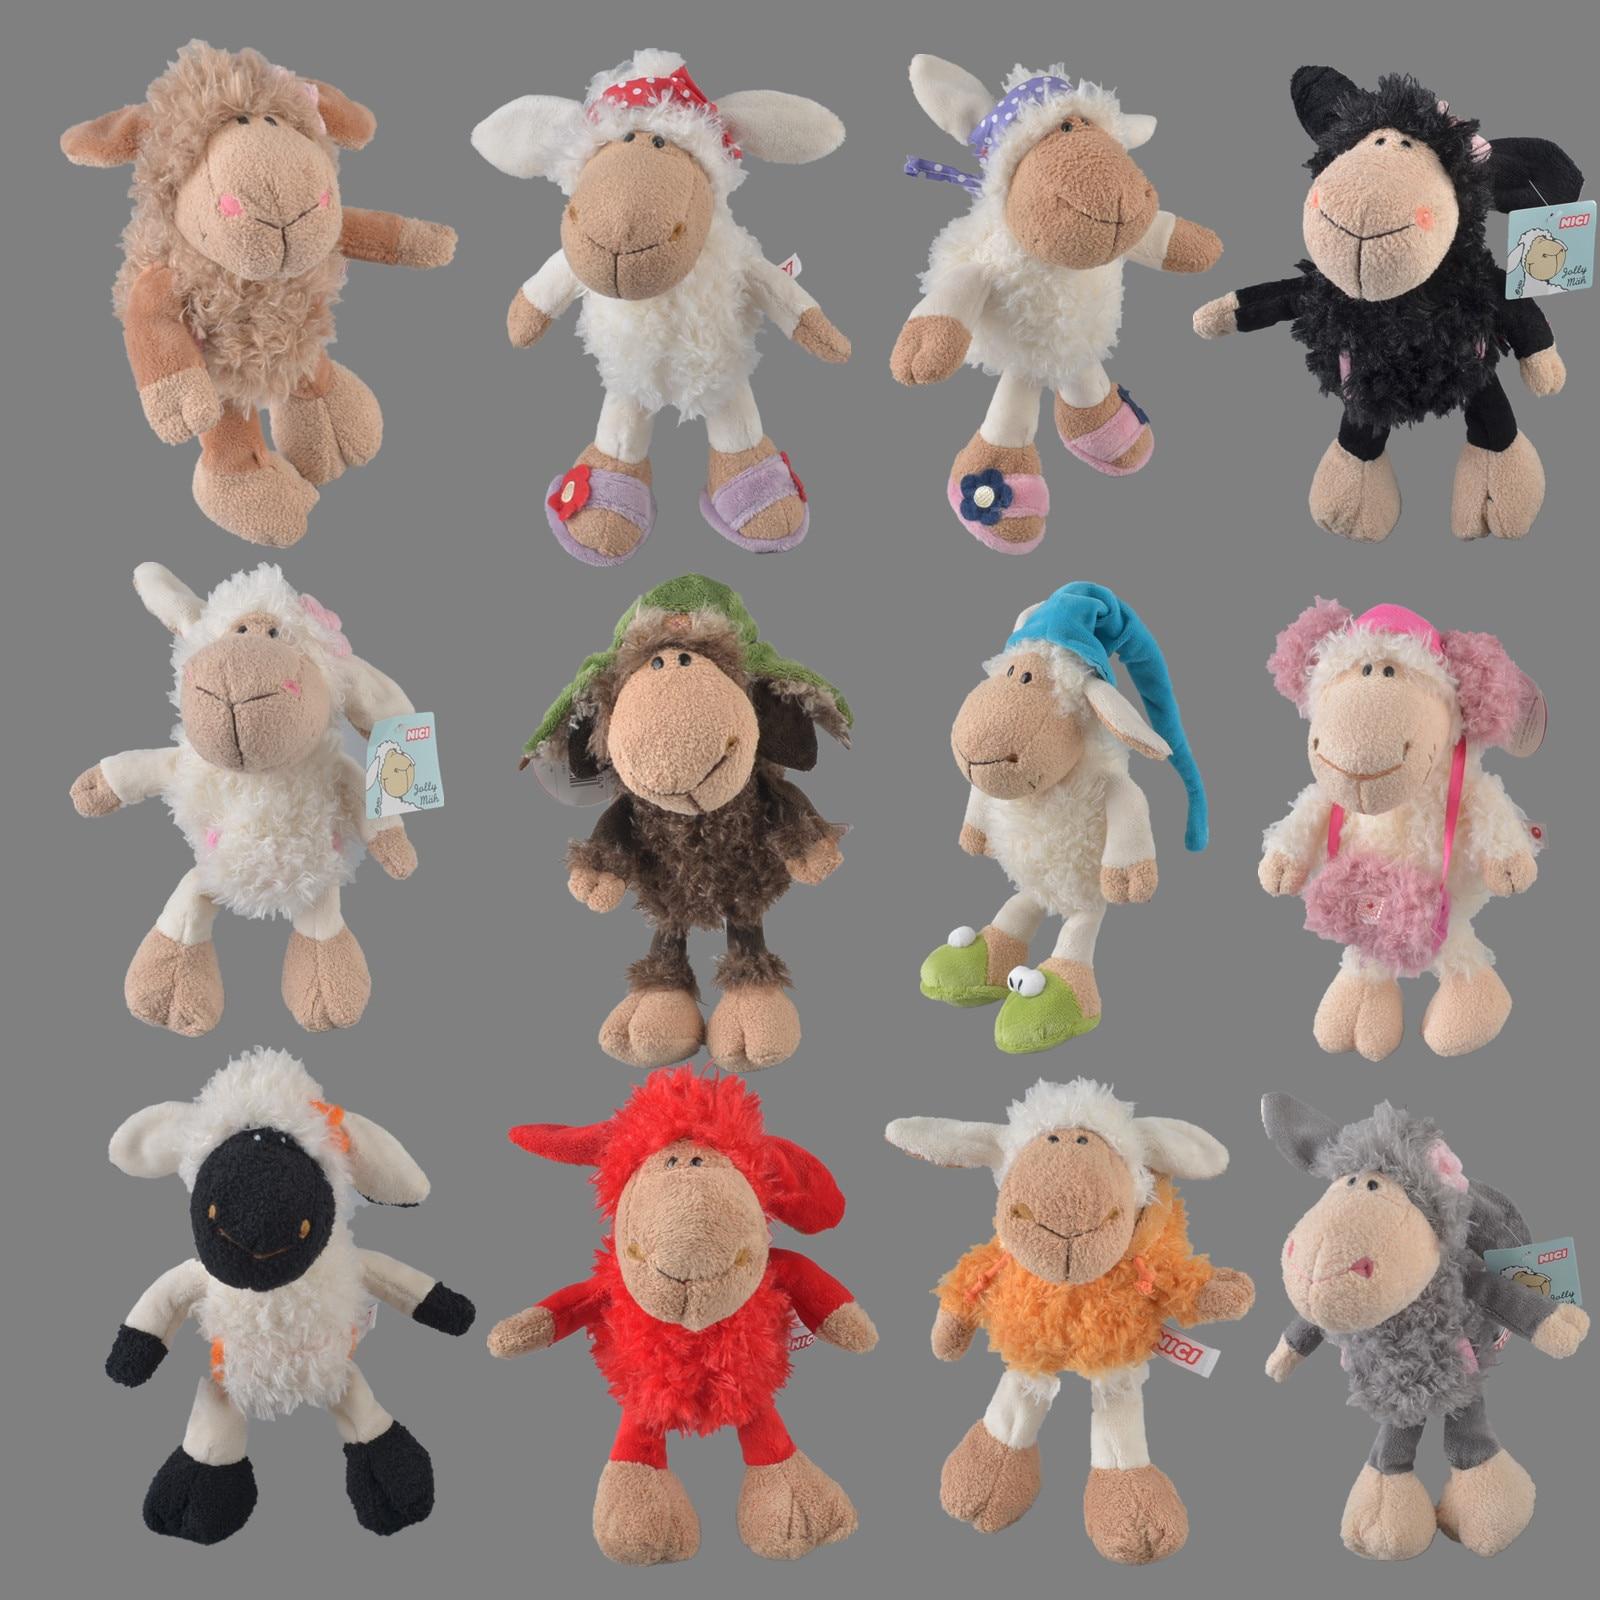 25 см-75 см розовая Люси овечка маленький овчик головной убор цветок овечка мягкая плюшевая игрушка, Детская кукла подарок Бесплатная доставк...